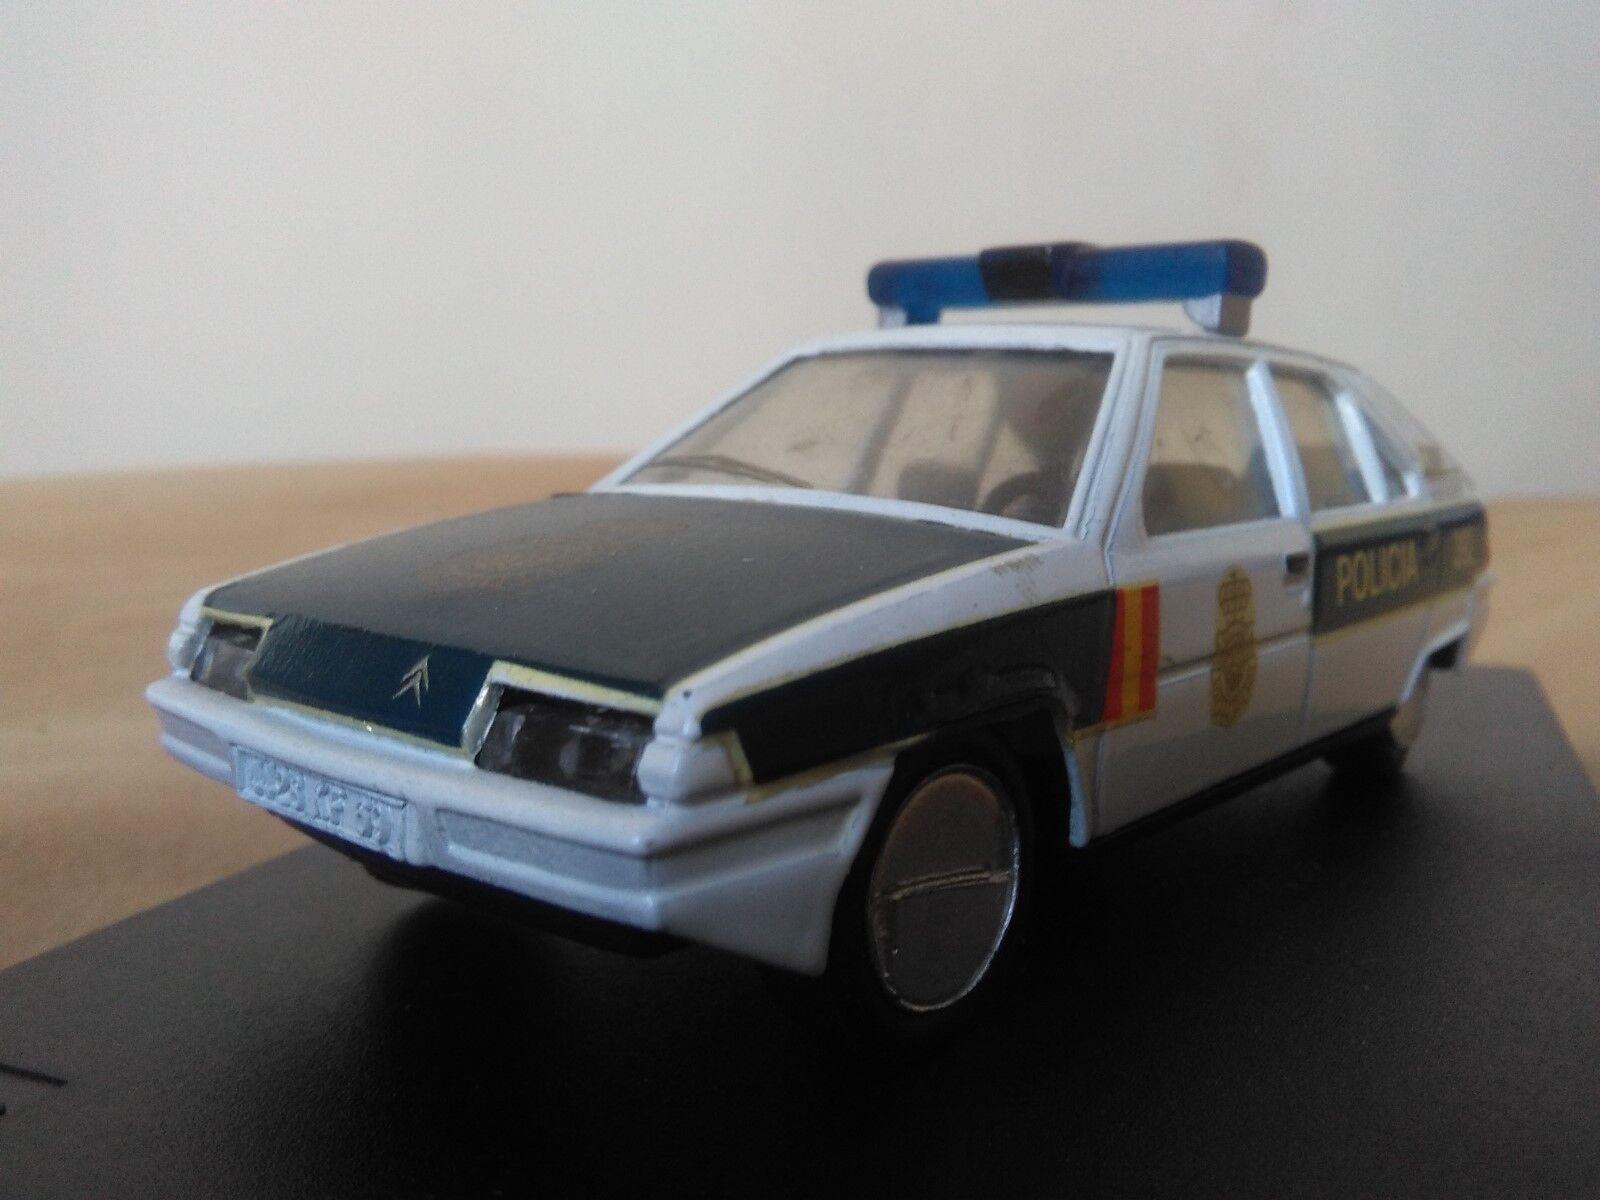 Antigua miniatura 1 43 Scale Carr PR022 Citroën BX Policía Nacional.